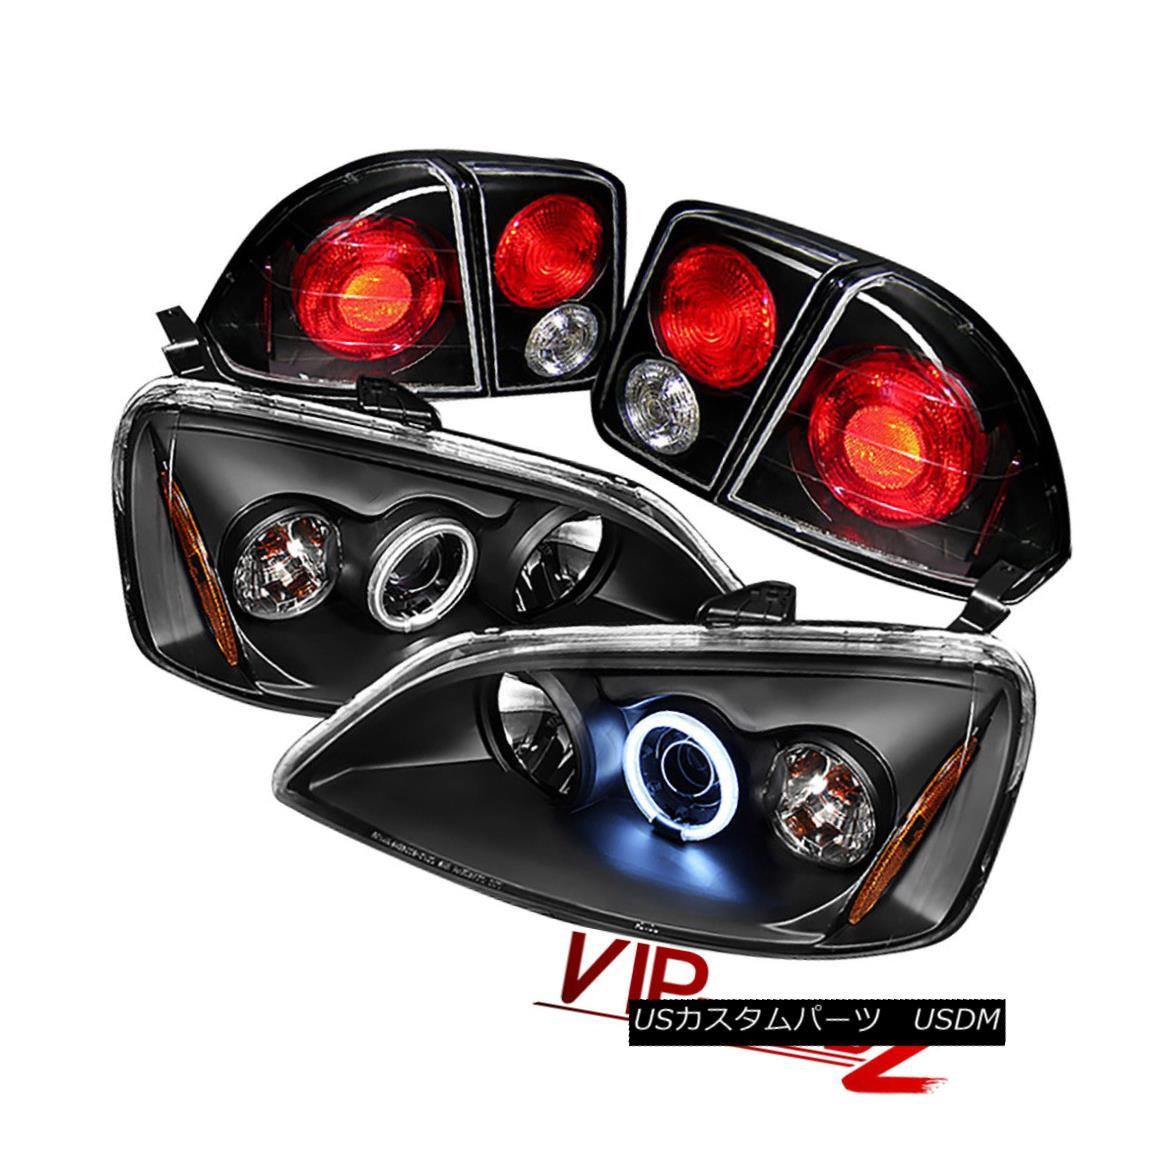 ヘッドライト 01 Honda Civic 4DR Sedan CCFL Halo Projector Headlight+Black Altezza Tail Light 01ホンダシビック4DRセダンCCFLハロープロジェクターヘッドライト+ブラック k Altezzaテールライト